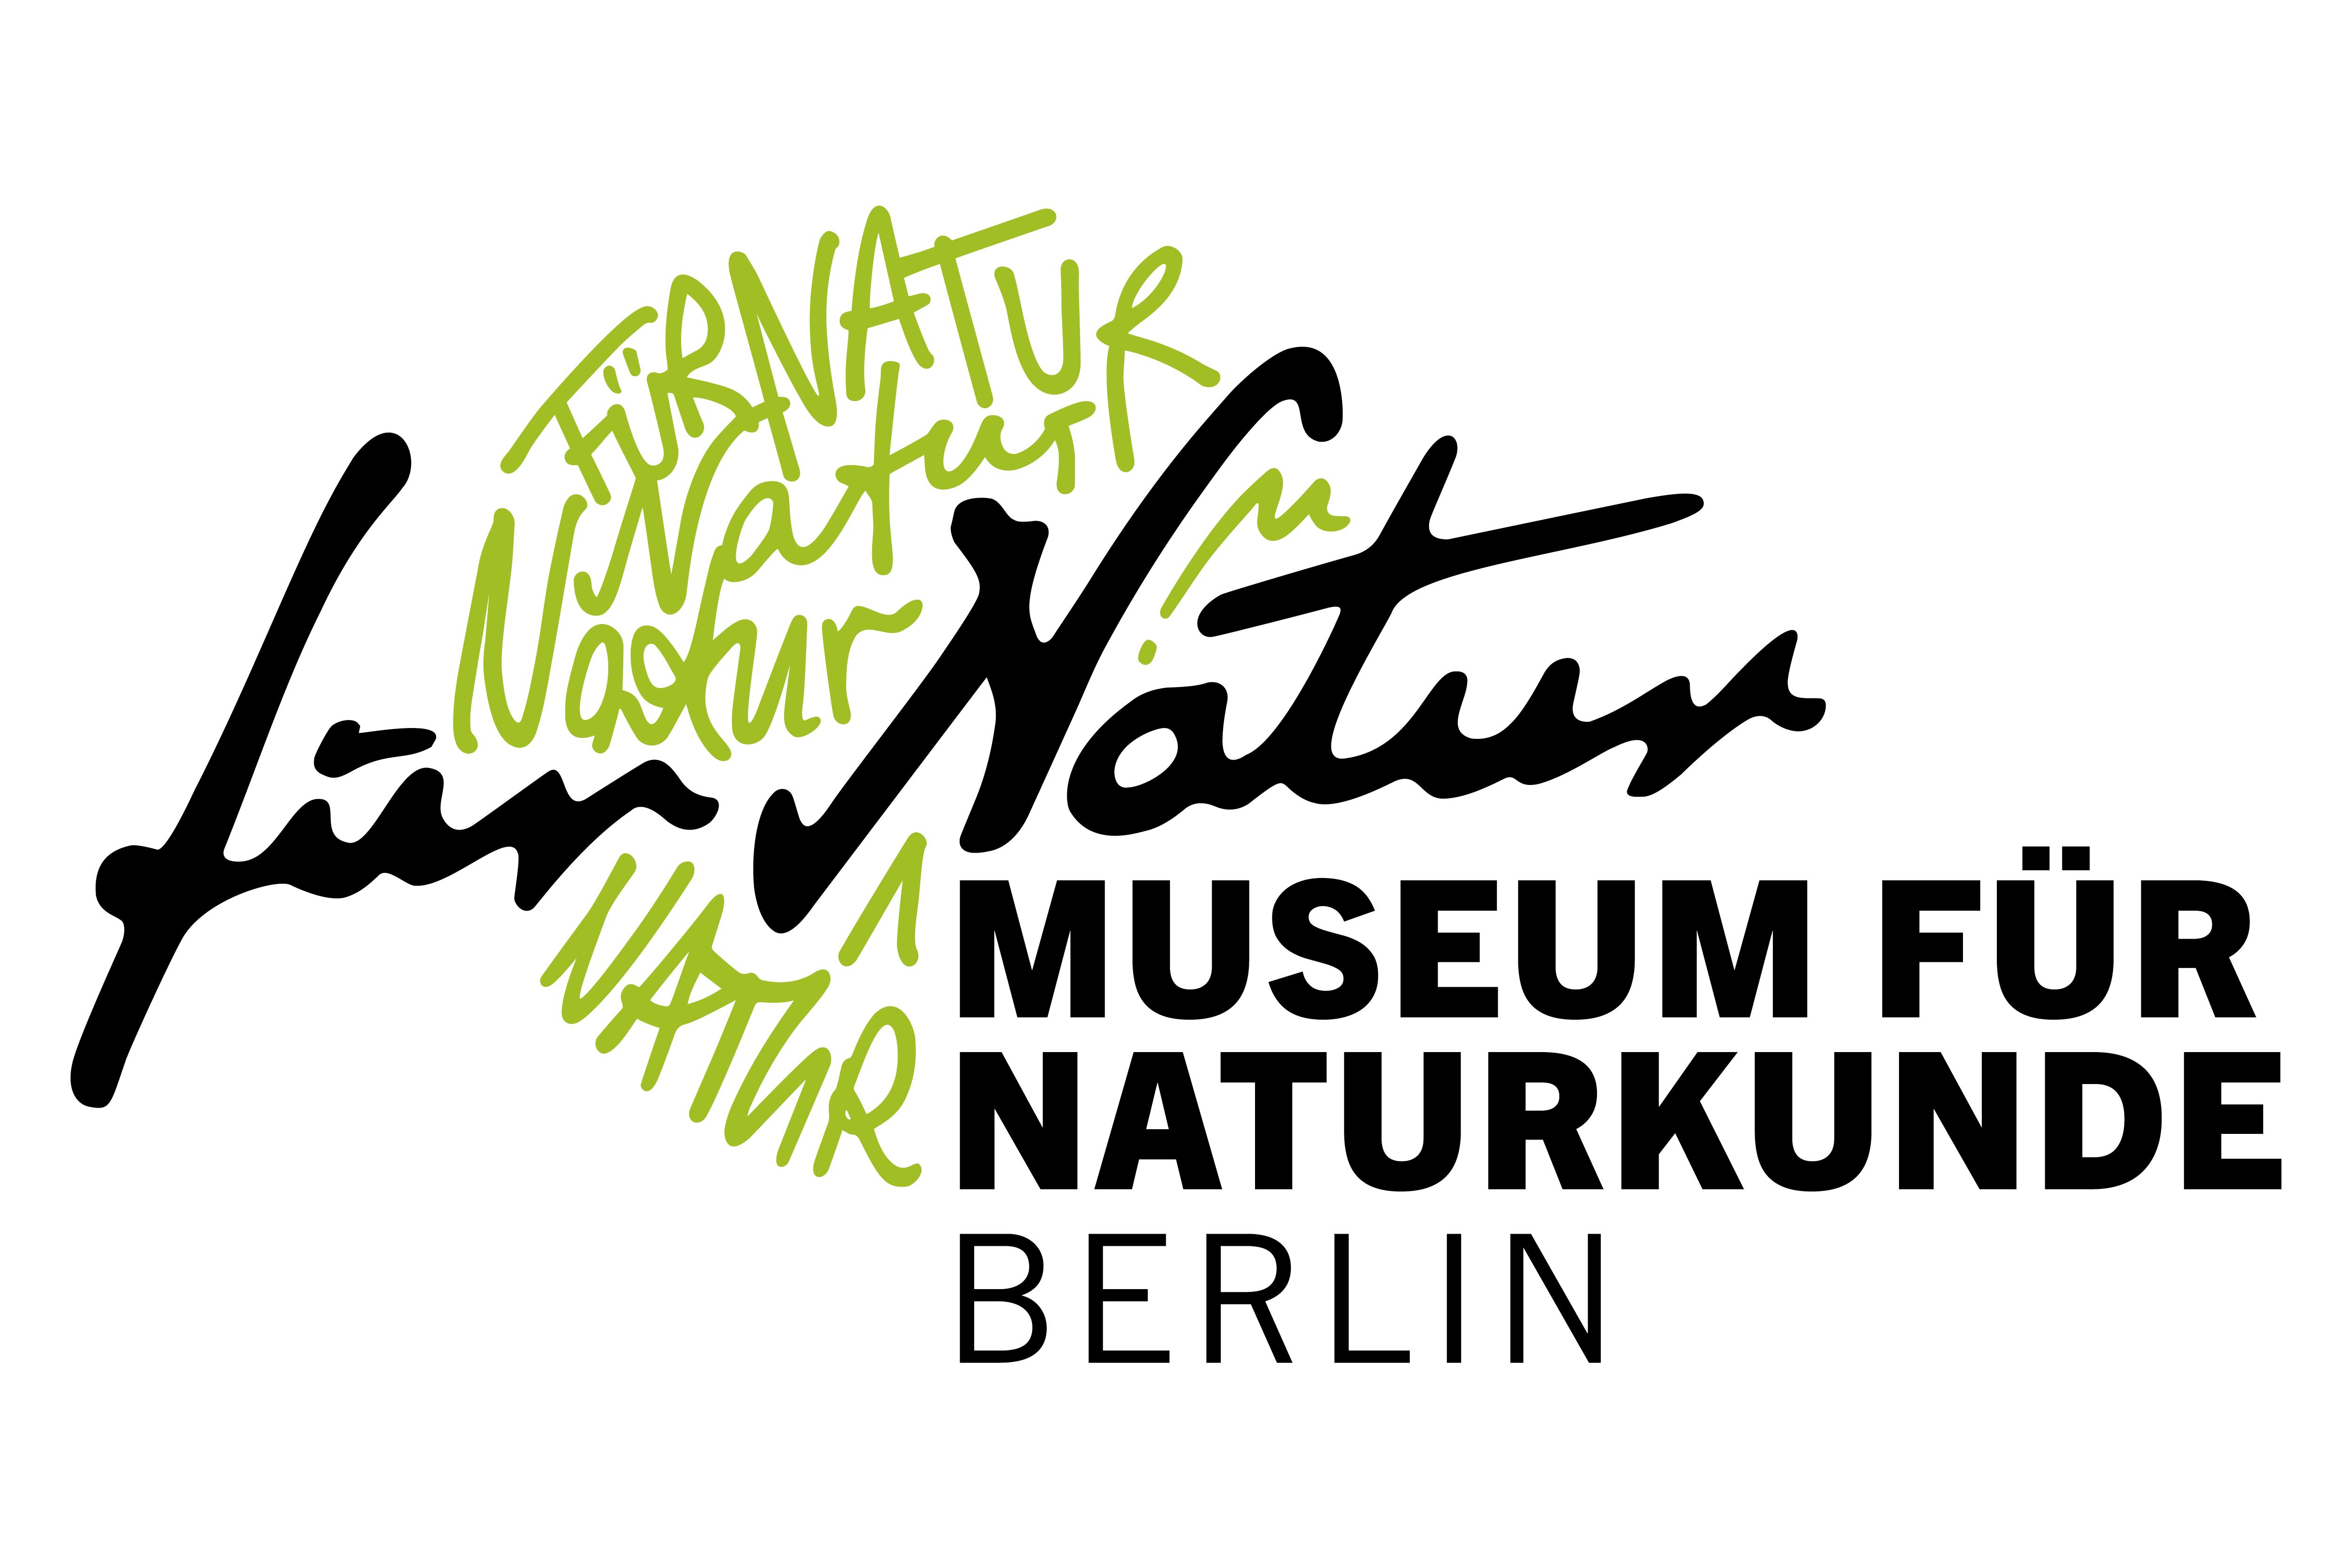 seit wann gibt es bl tenpflanzen und wo lebten sie naturkundemuseum berlin. Black Bedroom Furniture Sets. Home Design Ideas